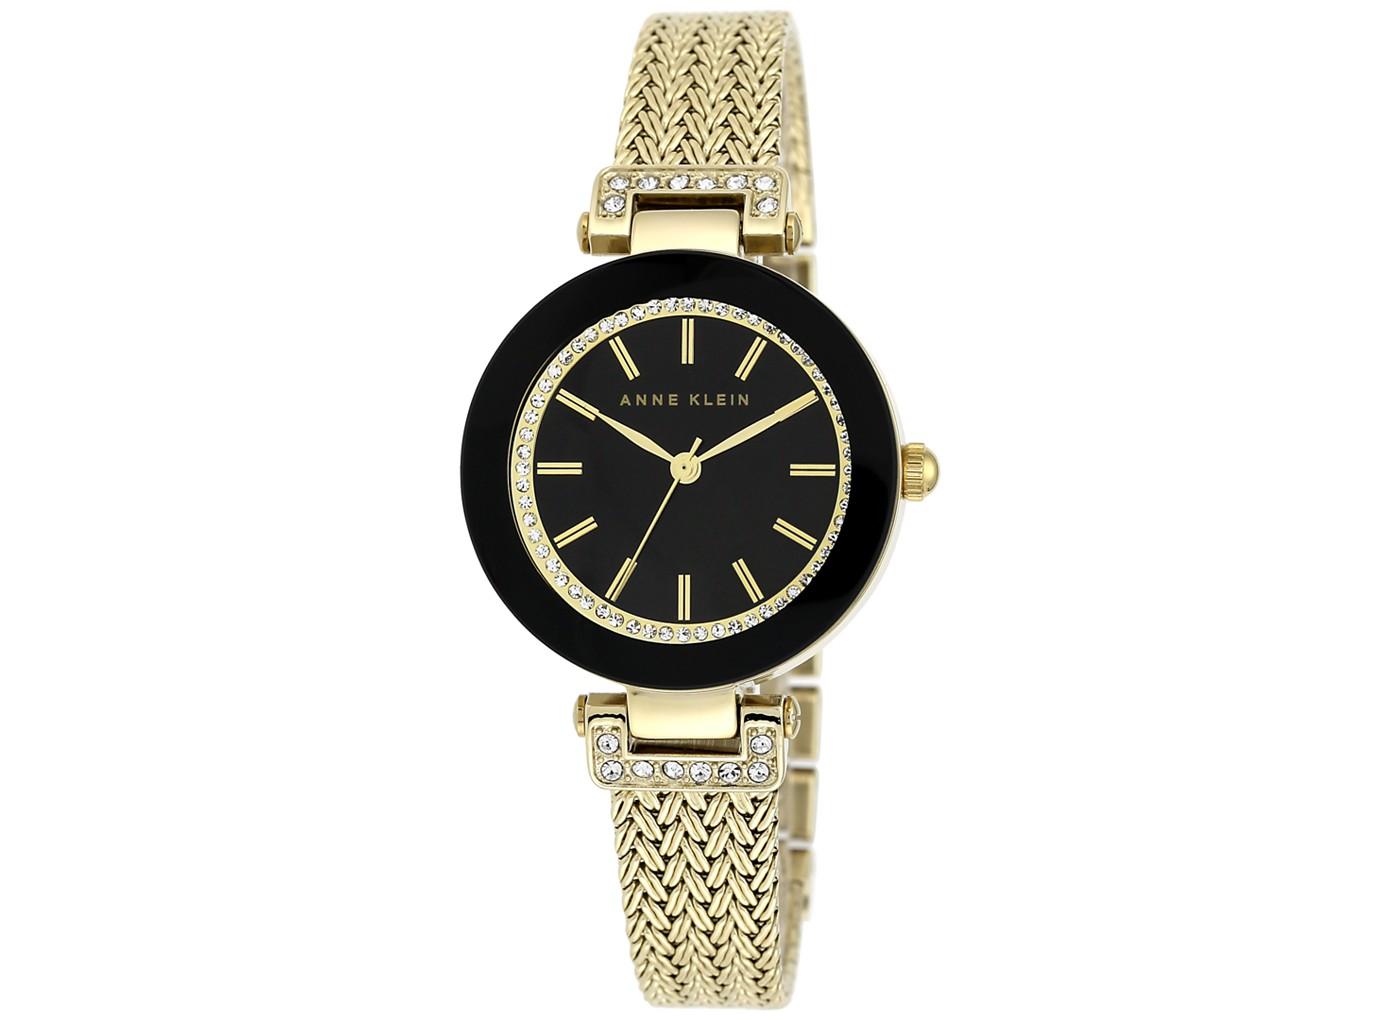 Анна кляйн часы женские купить в купить часы девочке 11 лет